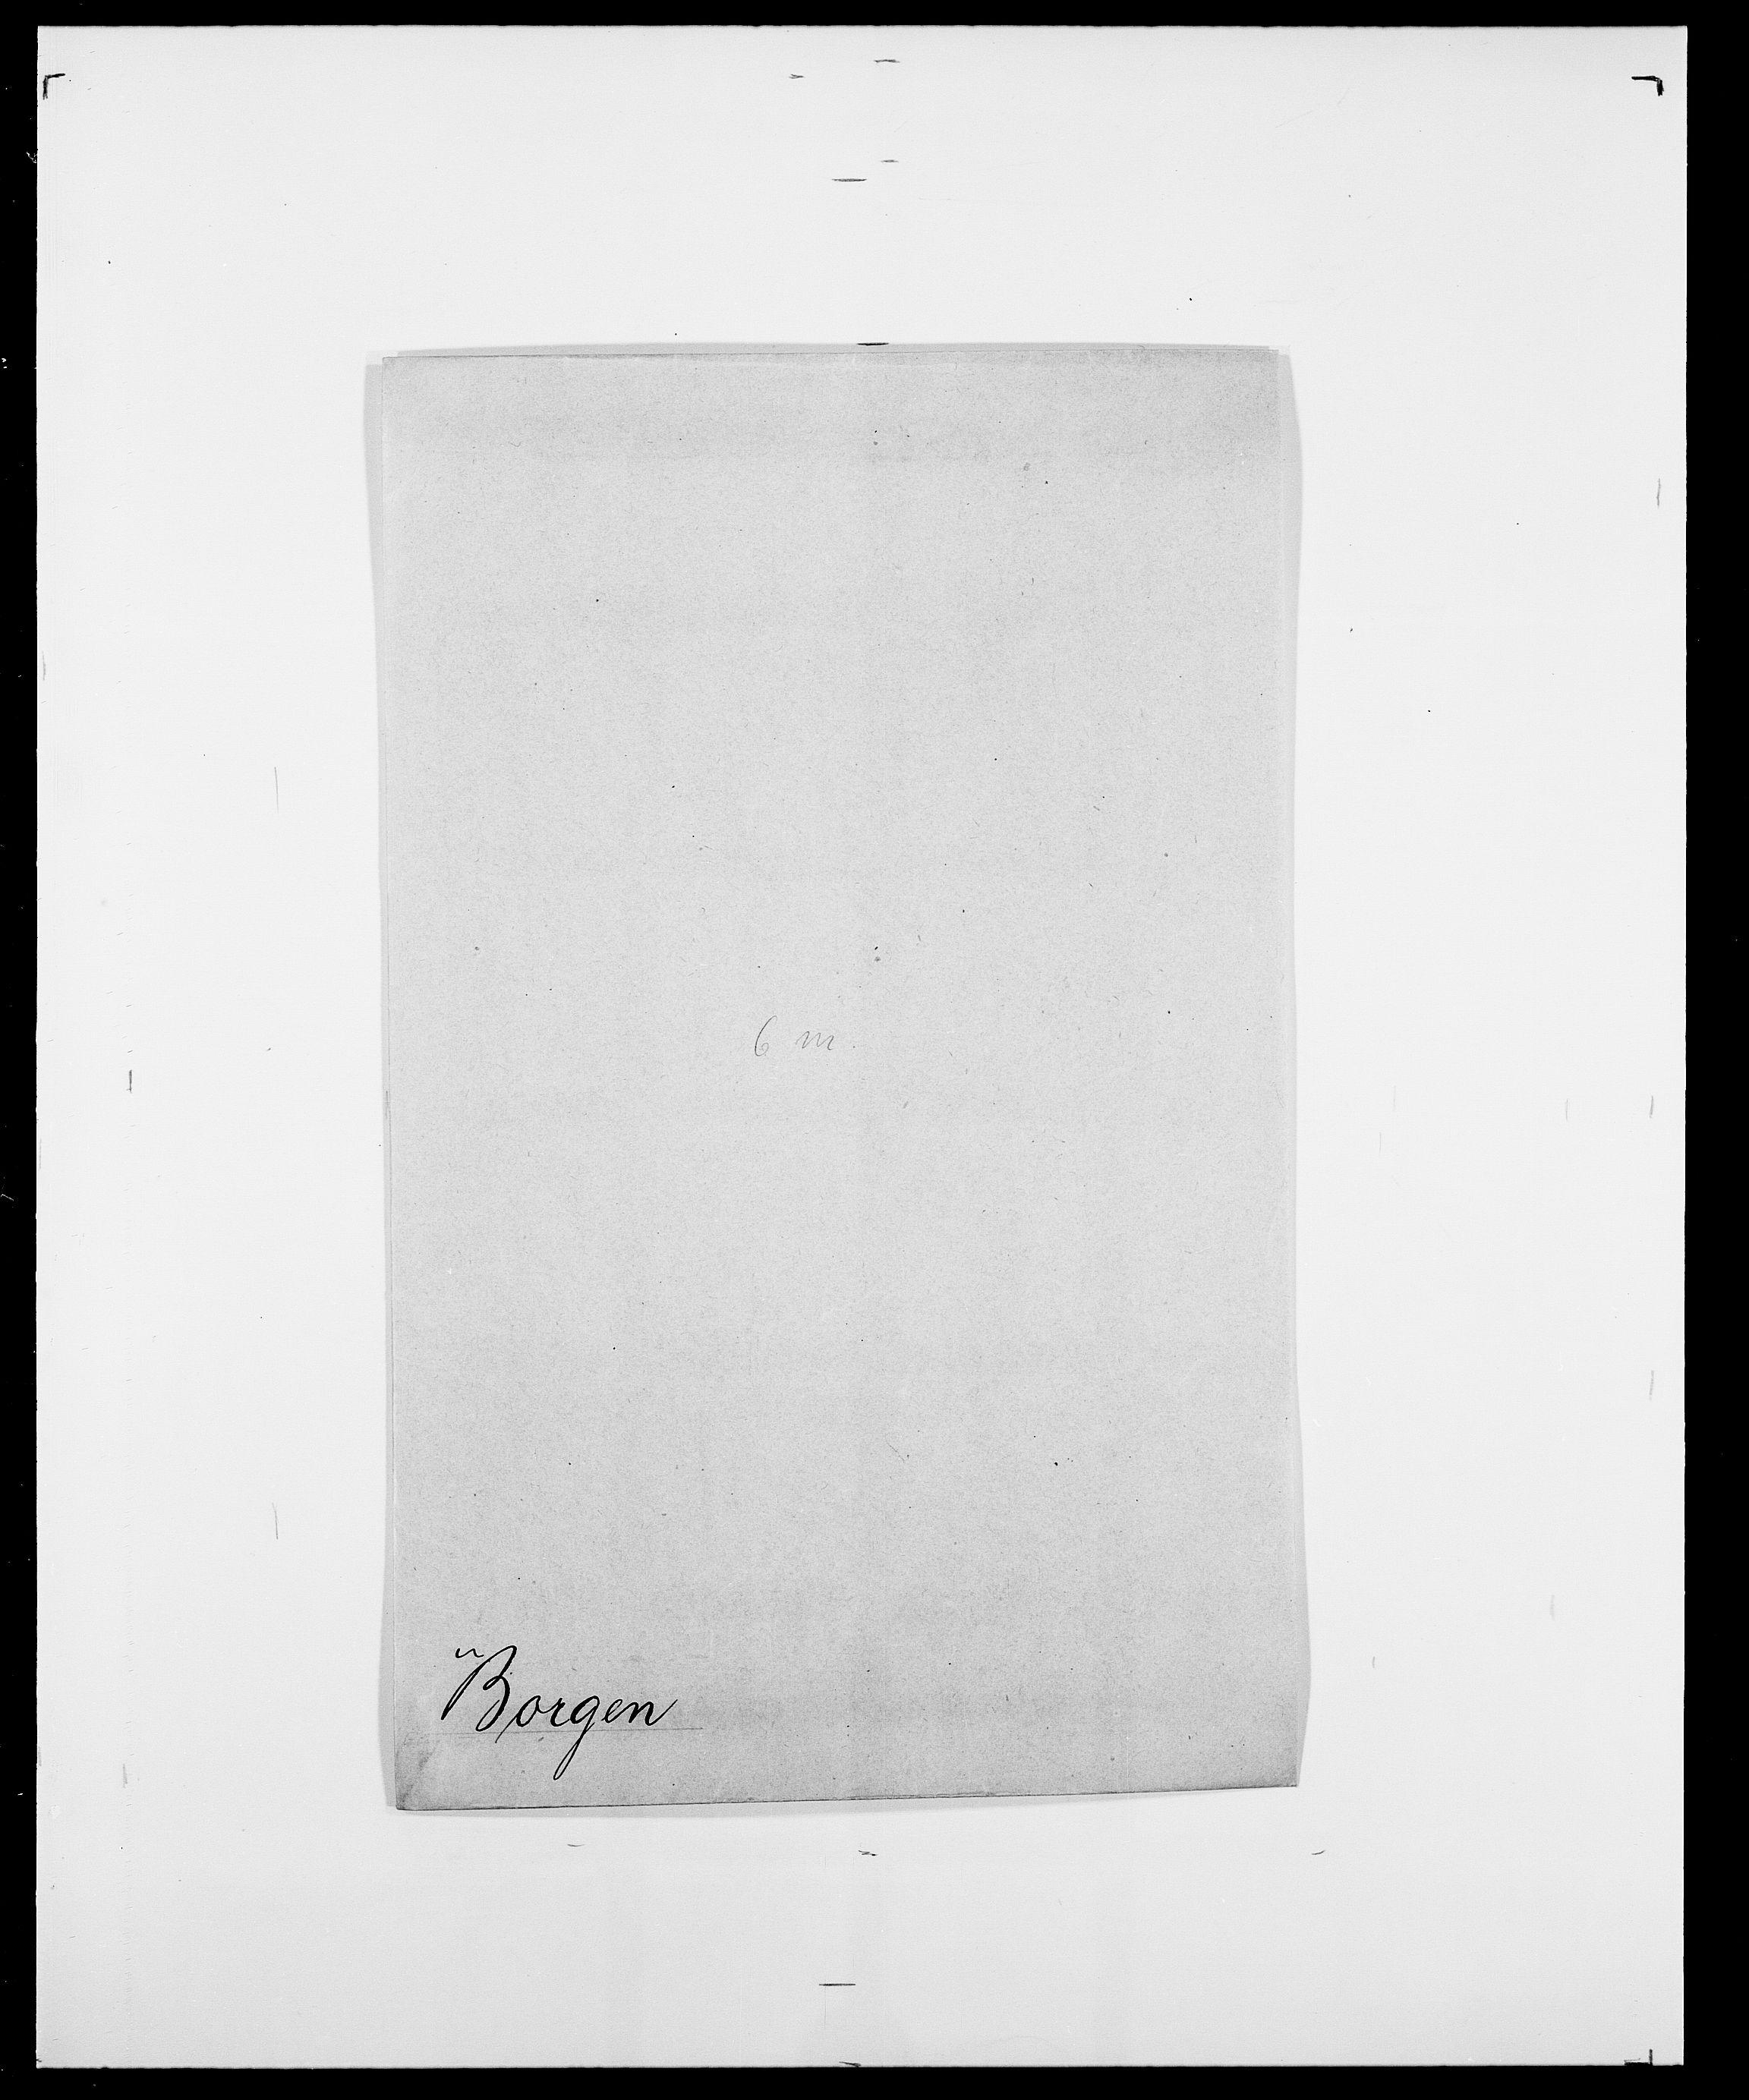 SAO, Delgobe, Charles Antoine - samling, D/Da/L0005: Boalth - Brahm, s. 277